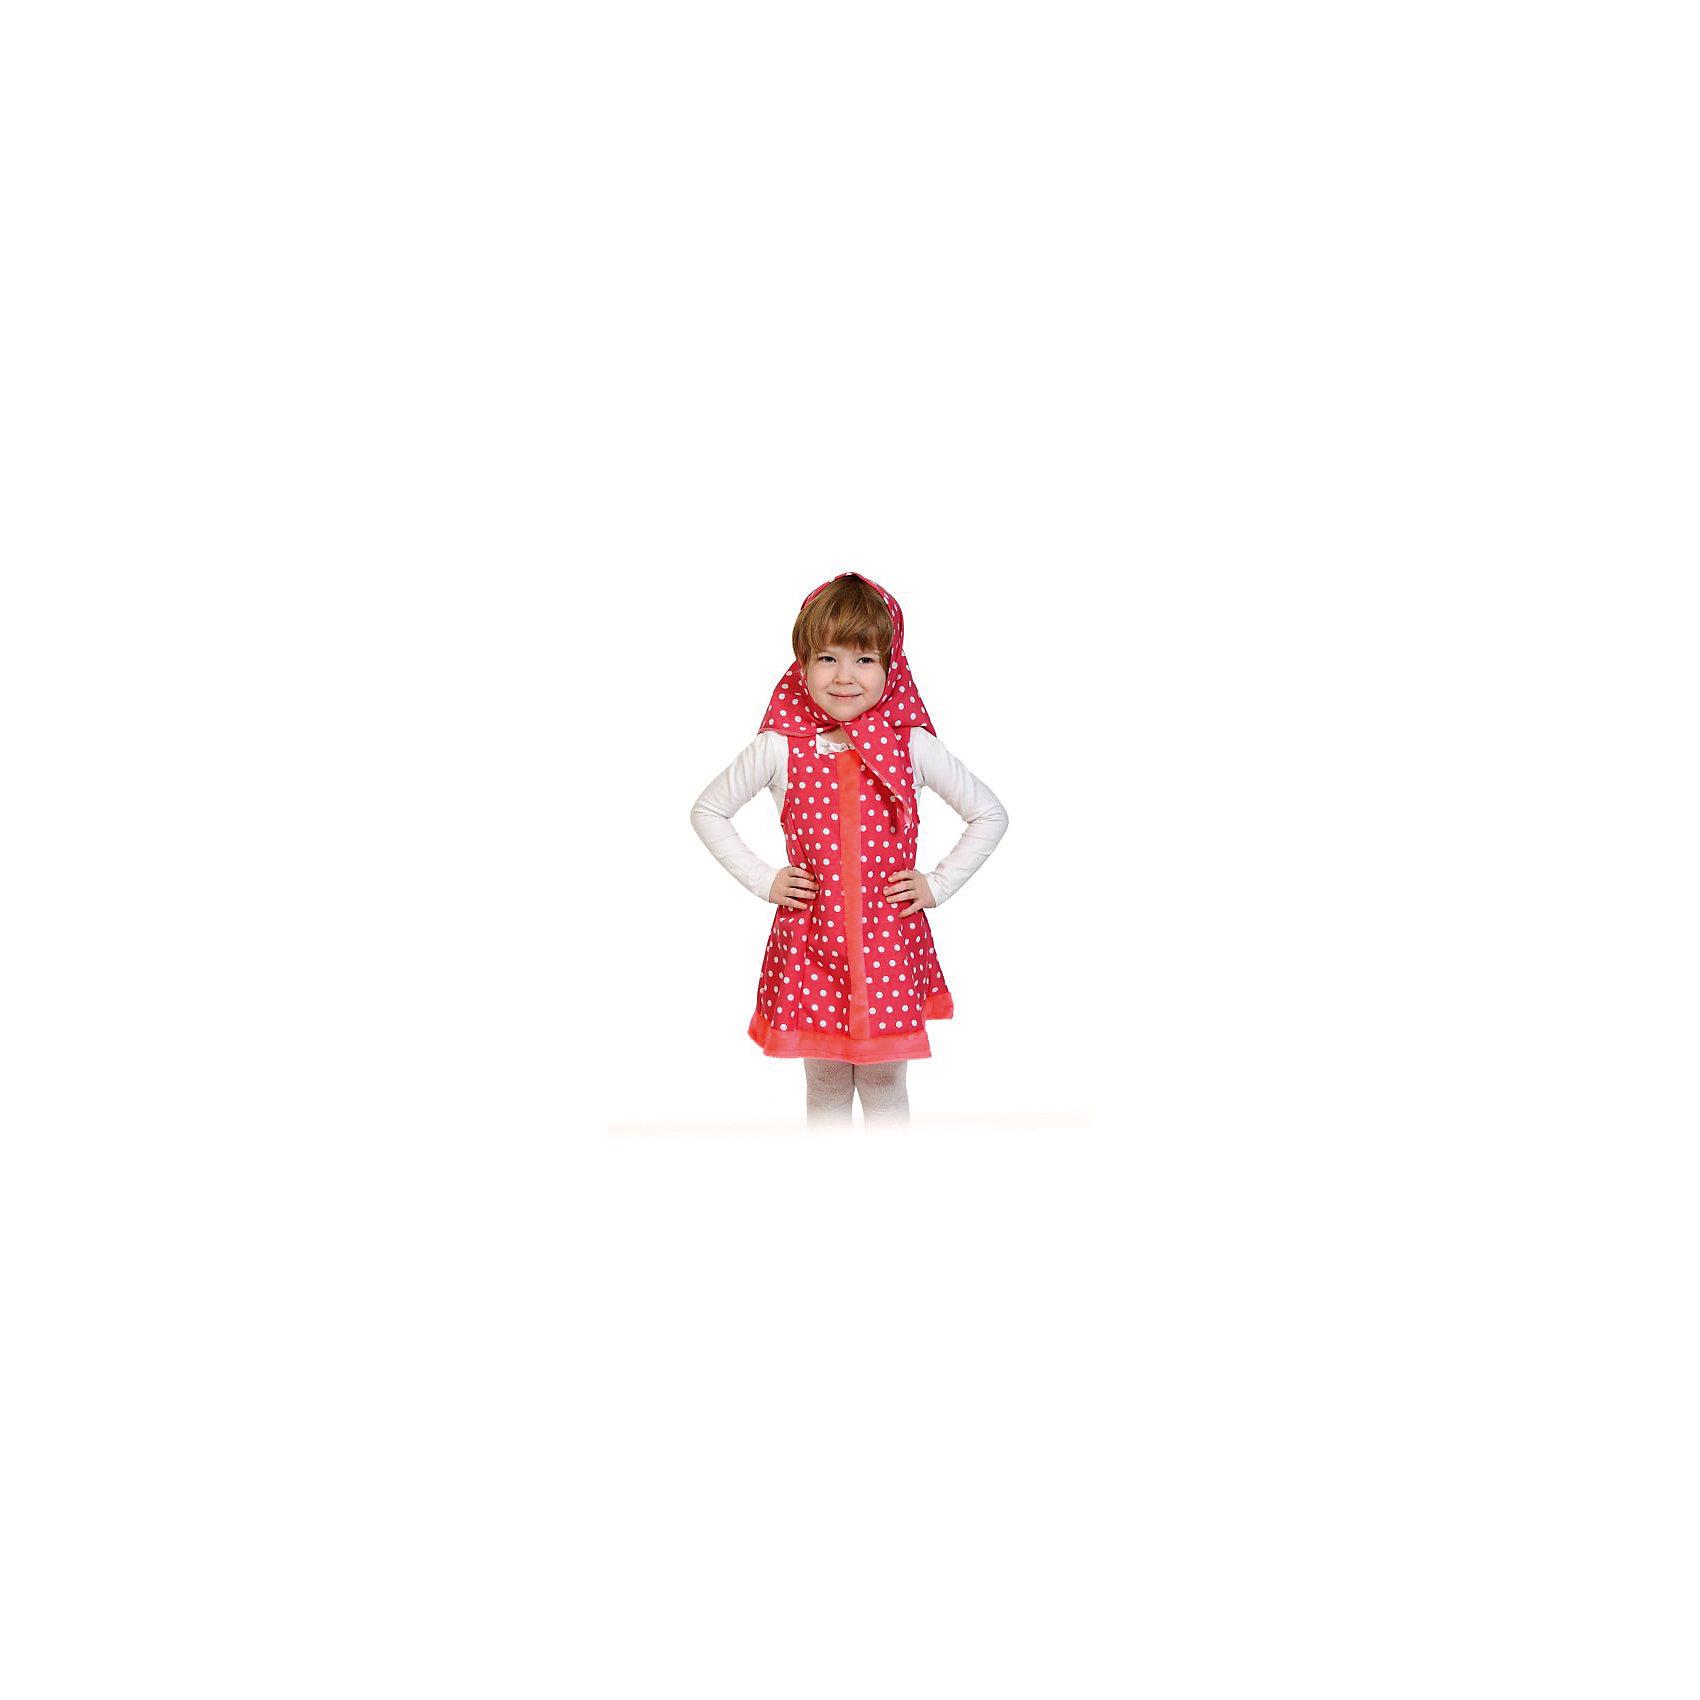 Костюм Машенька, рост 100-125, КарнавалоффКарнавальные костюмы и аксессуары<br>Характеристики товара:<br><br>• цвет: красный<br>• комплектация: платок, платье<br>• материал: текстиль<br>• для праздников и постановок<br>• упаковка: пакет<br>• возраст: от 3 лет<br>• страна бренда: Российская Федерация<br>• страна изготовитель: Российская Федерация<br><br>Новогодние праздники - отличная возможность перевоплотиться в кого угодно, надев маскарадный костюм. Этот набор позволит ребенку мгновенно превратиться в Машеньку!<br>Он состоит из двух предметов, которые подойдут дошкольникам и младшим школьникам - костюм рассчитан на рост от 100 см до 125 см. Изделия удобно сидят и позволяют ребенку наслаждаться праздником или принимать участие в постановке. Модель хорошо проработана, сшита из качественных и проверенных материалов, которые безопасны для детей.<br><br>Костюм Машенька, рост 100-125, от бренда Карнавалофф можно купить в нашем интернет-магазине.<br><br>Ширина мм: 280<br>Глубина мм: 190<br>Высота мм: 40<br>Вес г: 194<br>Возраст от месяцев: 60<br>Возраст до месяцев: 120<br>Пол: Женский<br>Возраст: Детский<br>SKU: 5177203